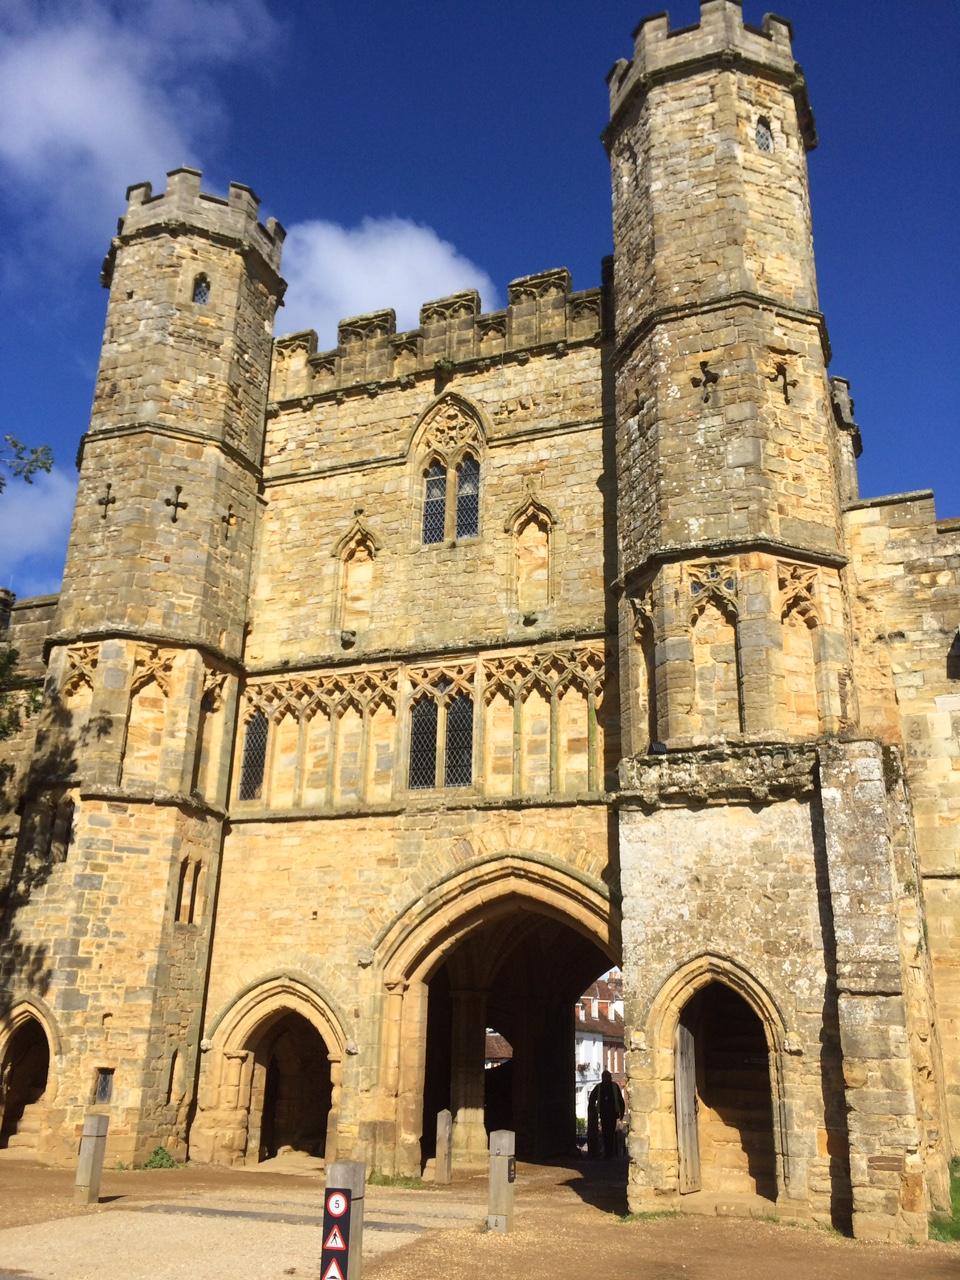 Battle Abbey in Hastings